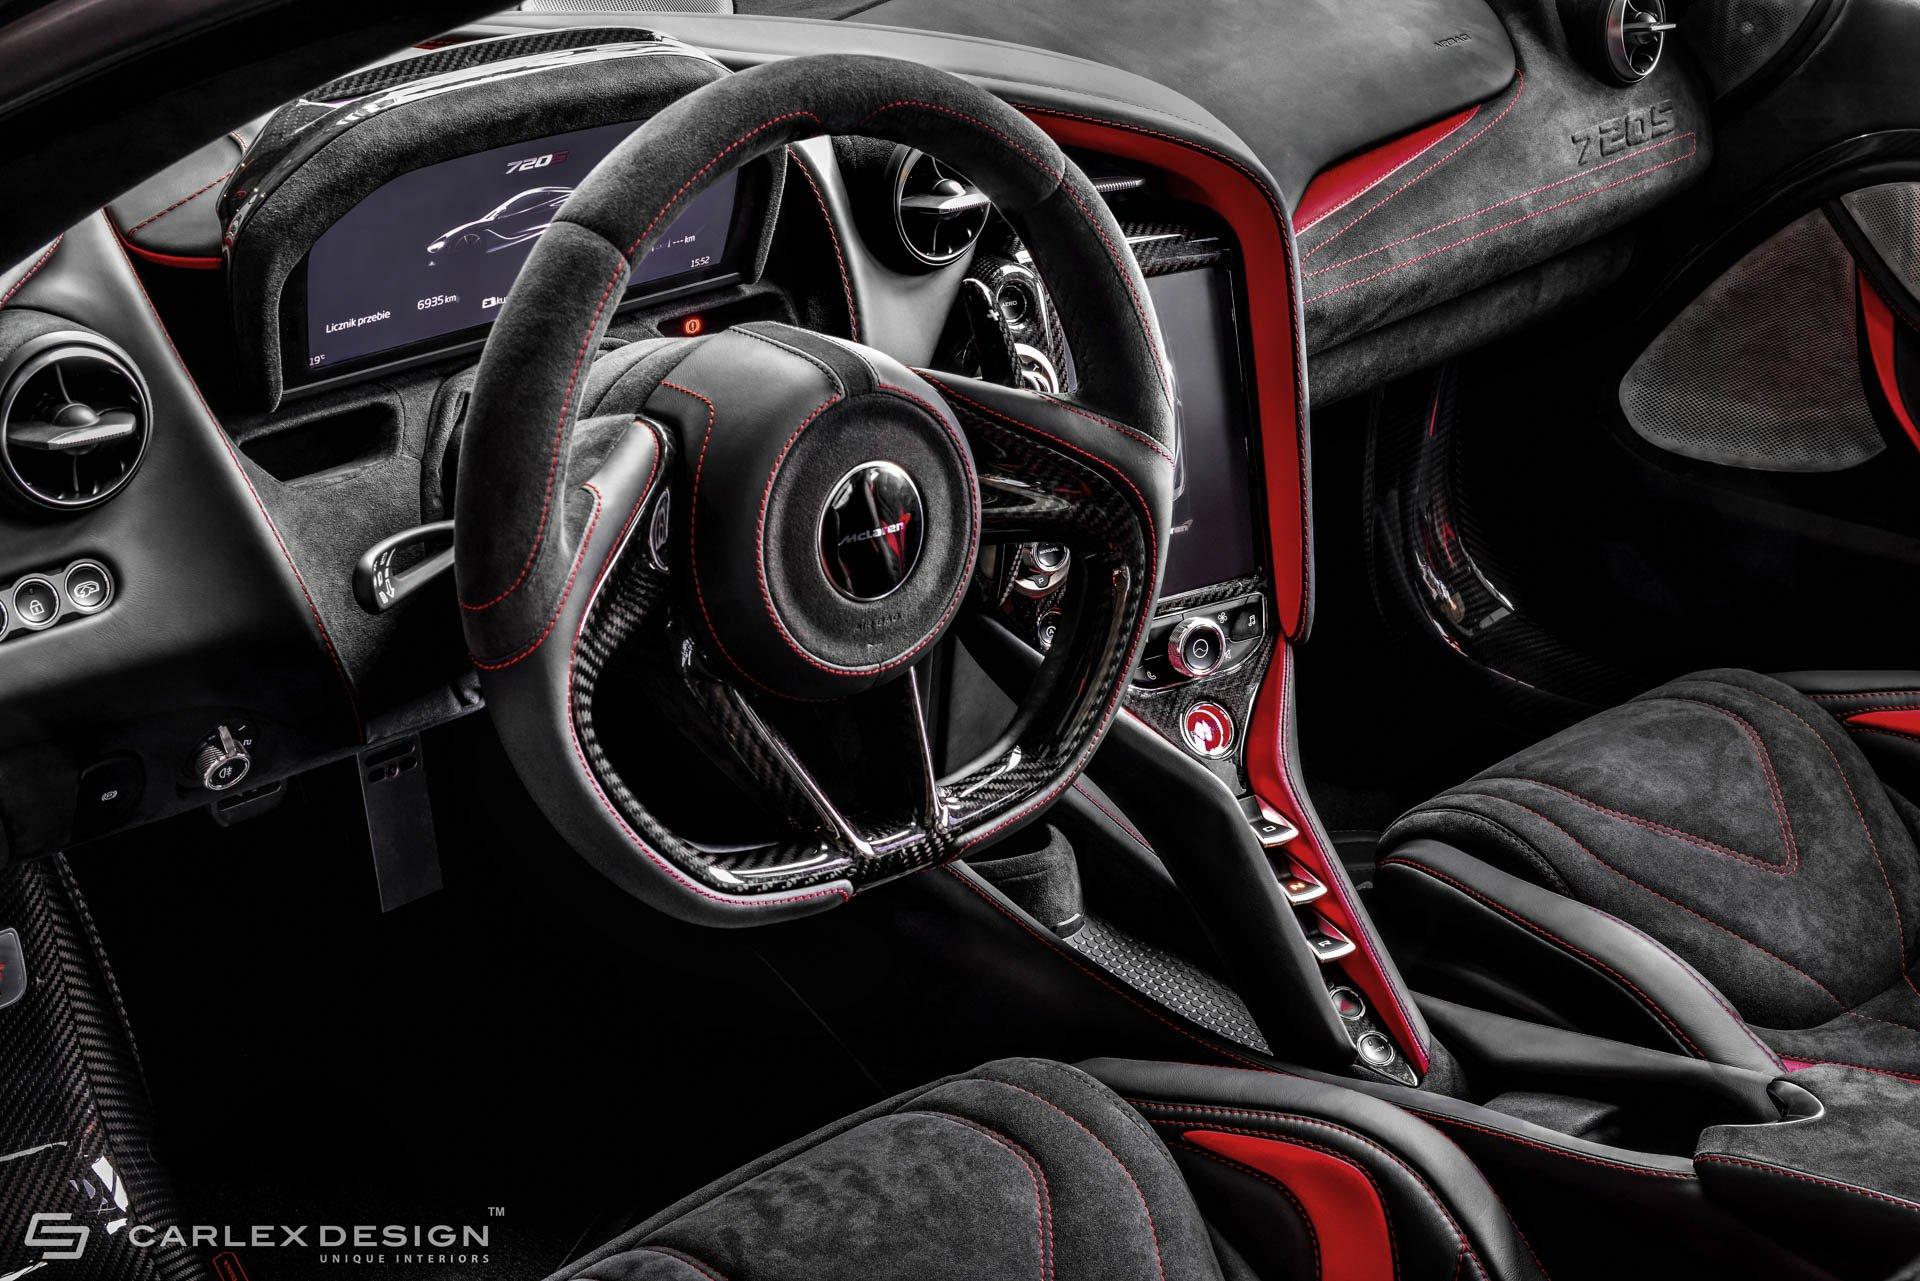 McLaren_720S_Carlex_design_0004